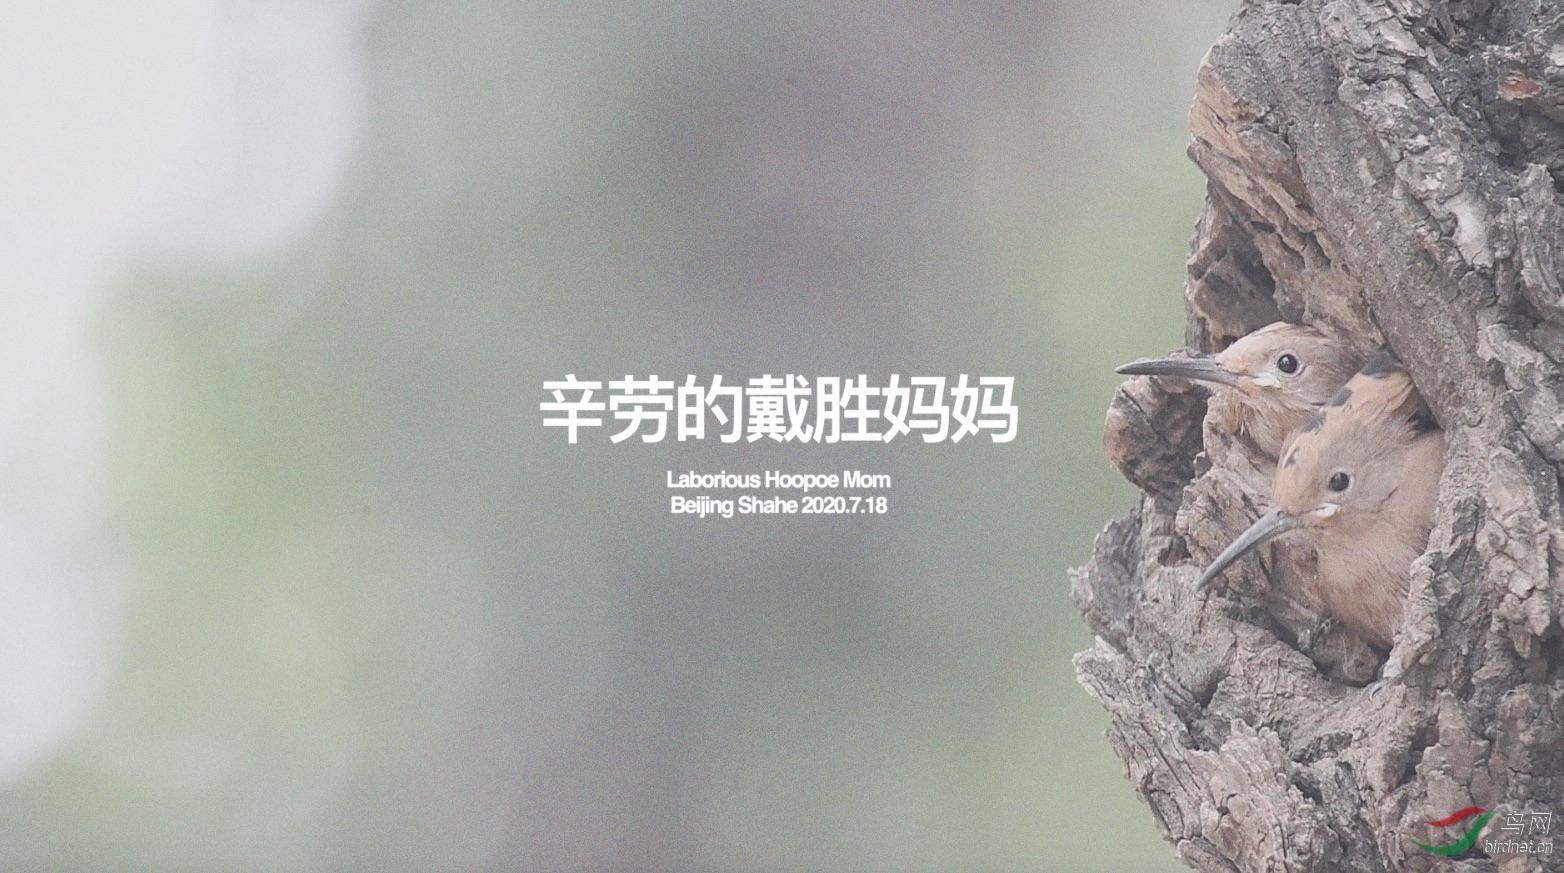 戴胜封面500k.jpg